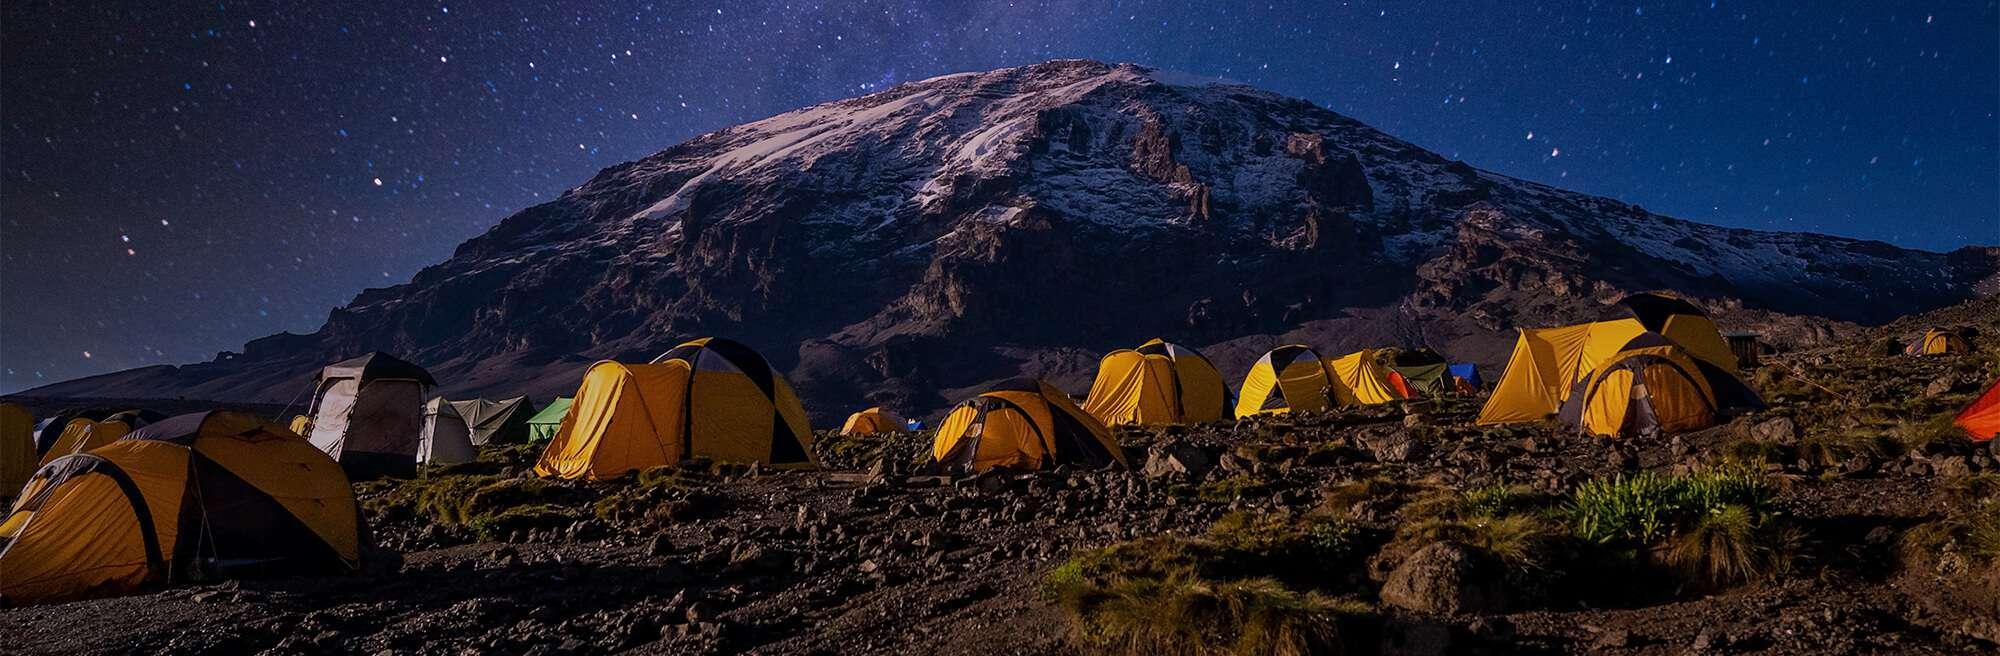 Kilimanjaro_stars